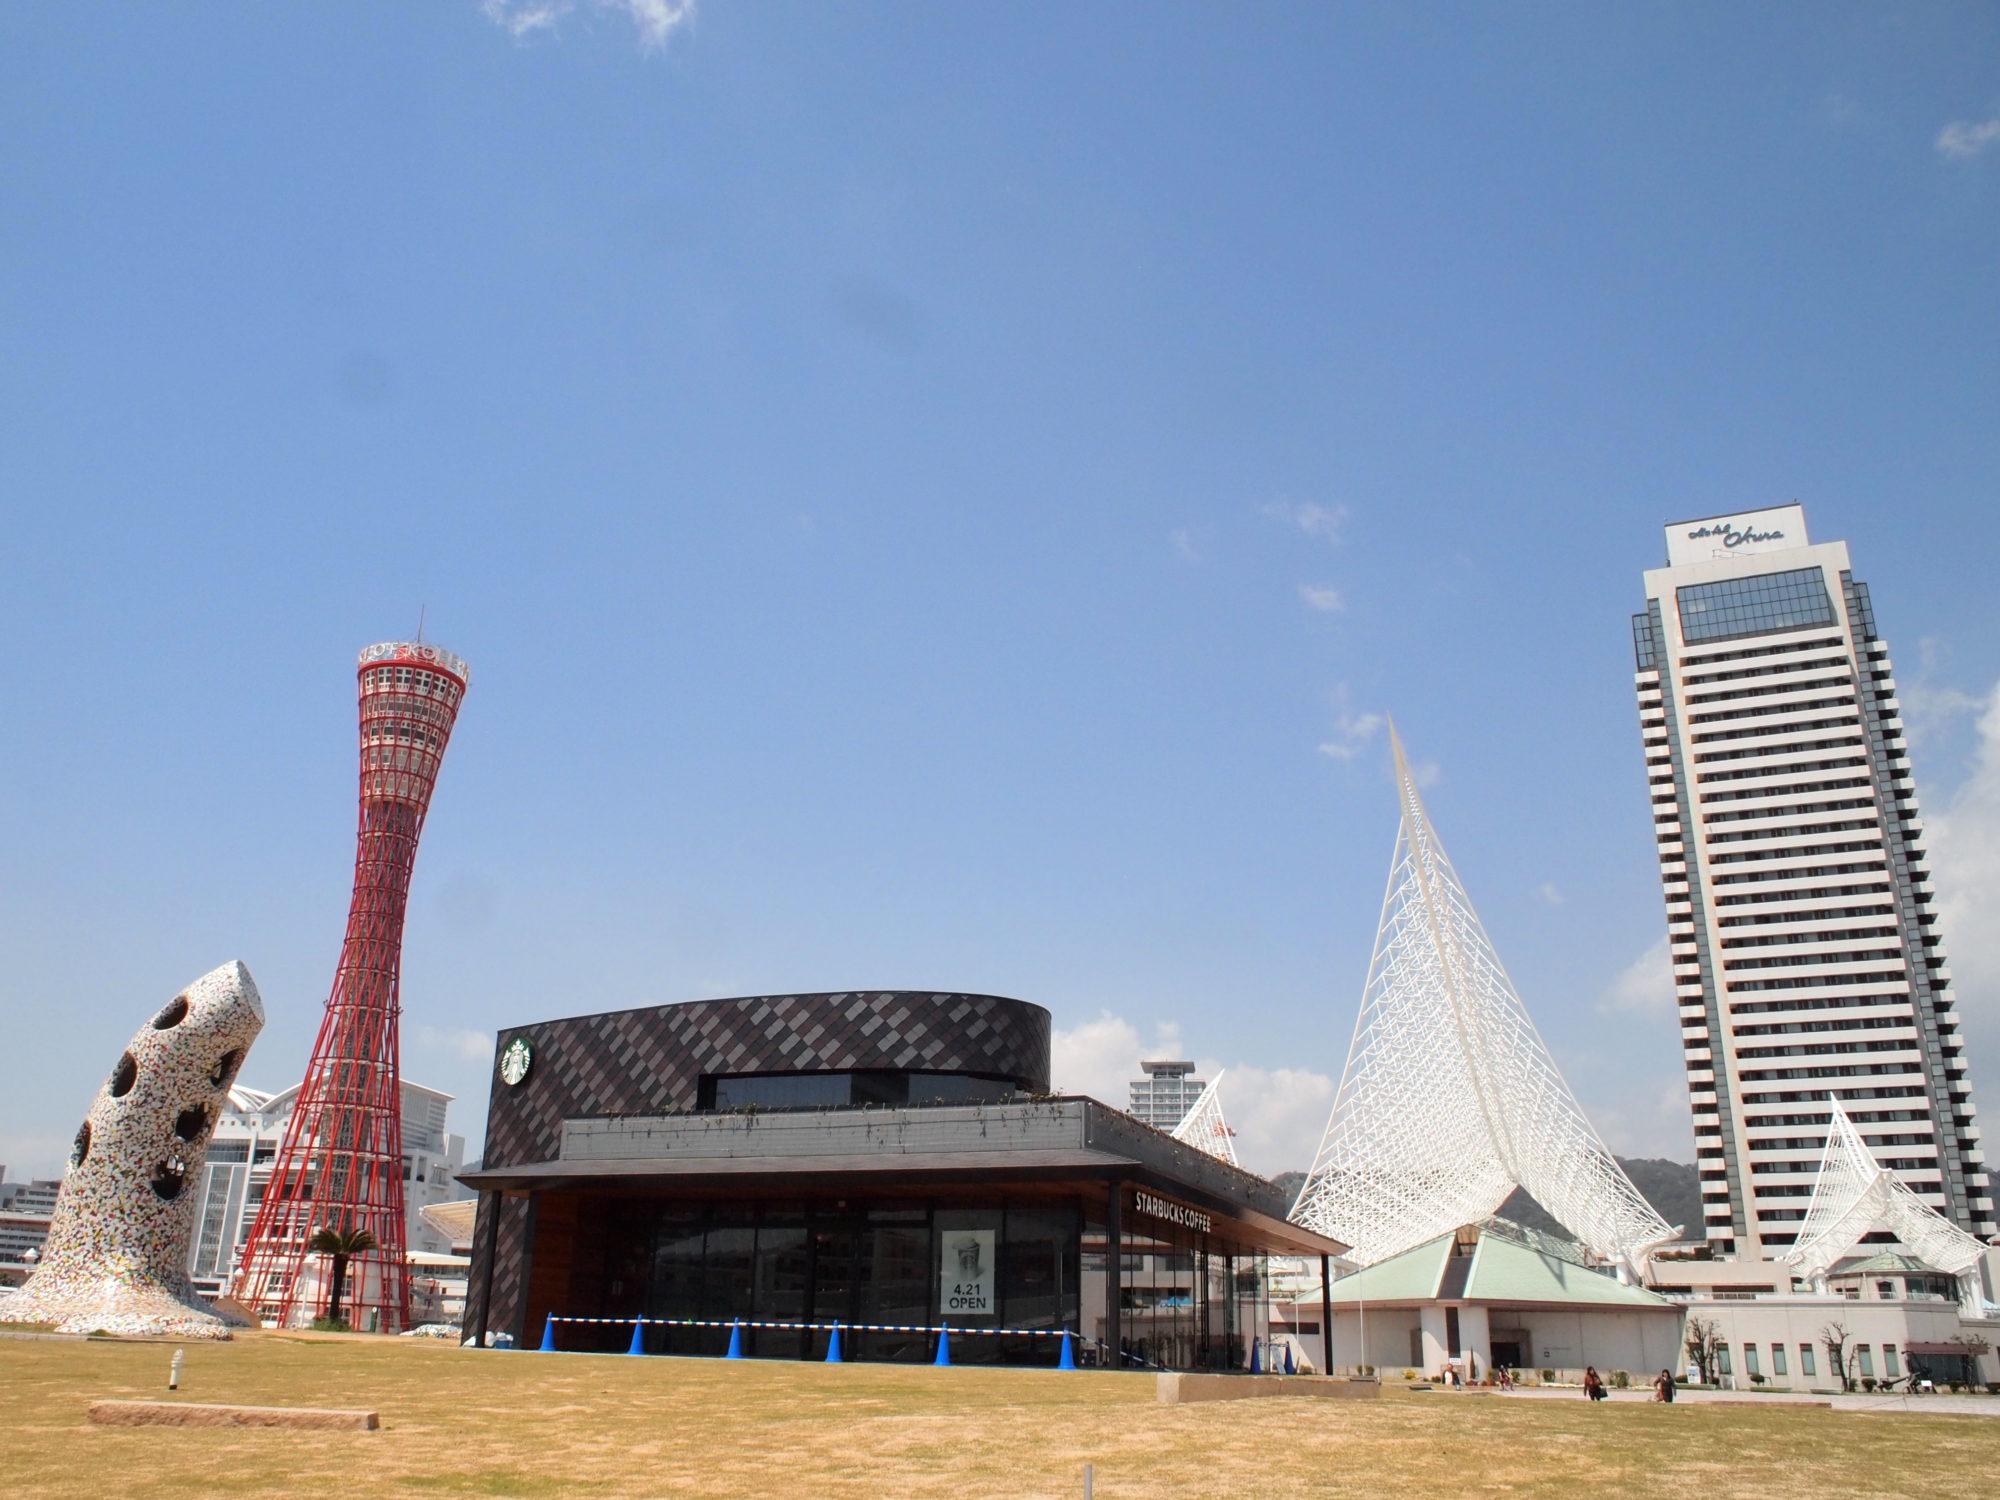 スターバックスコーヒー神戸メリケンパーク店 − 西日本最大級!目の前は海で芝生広場も